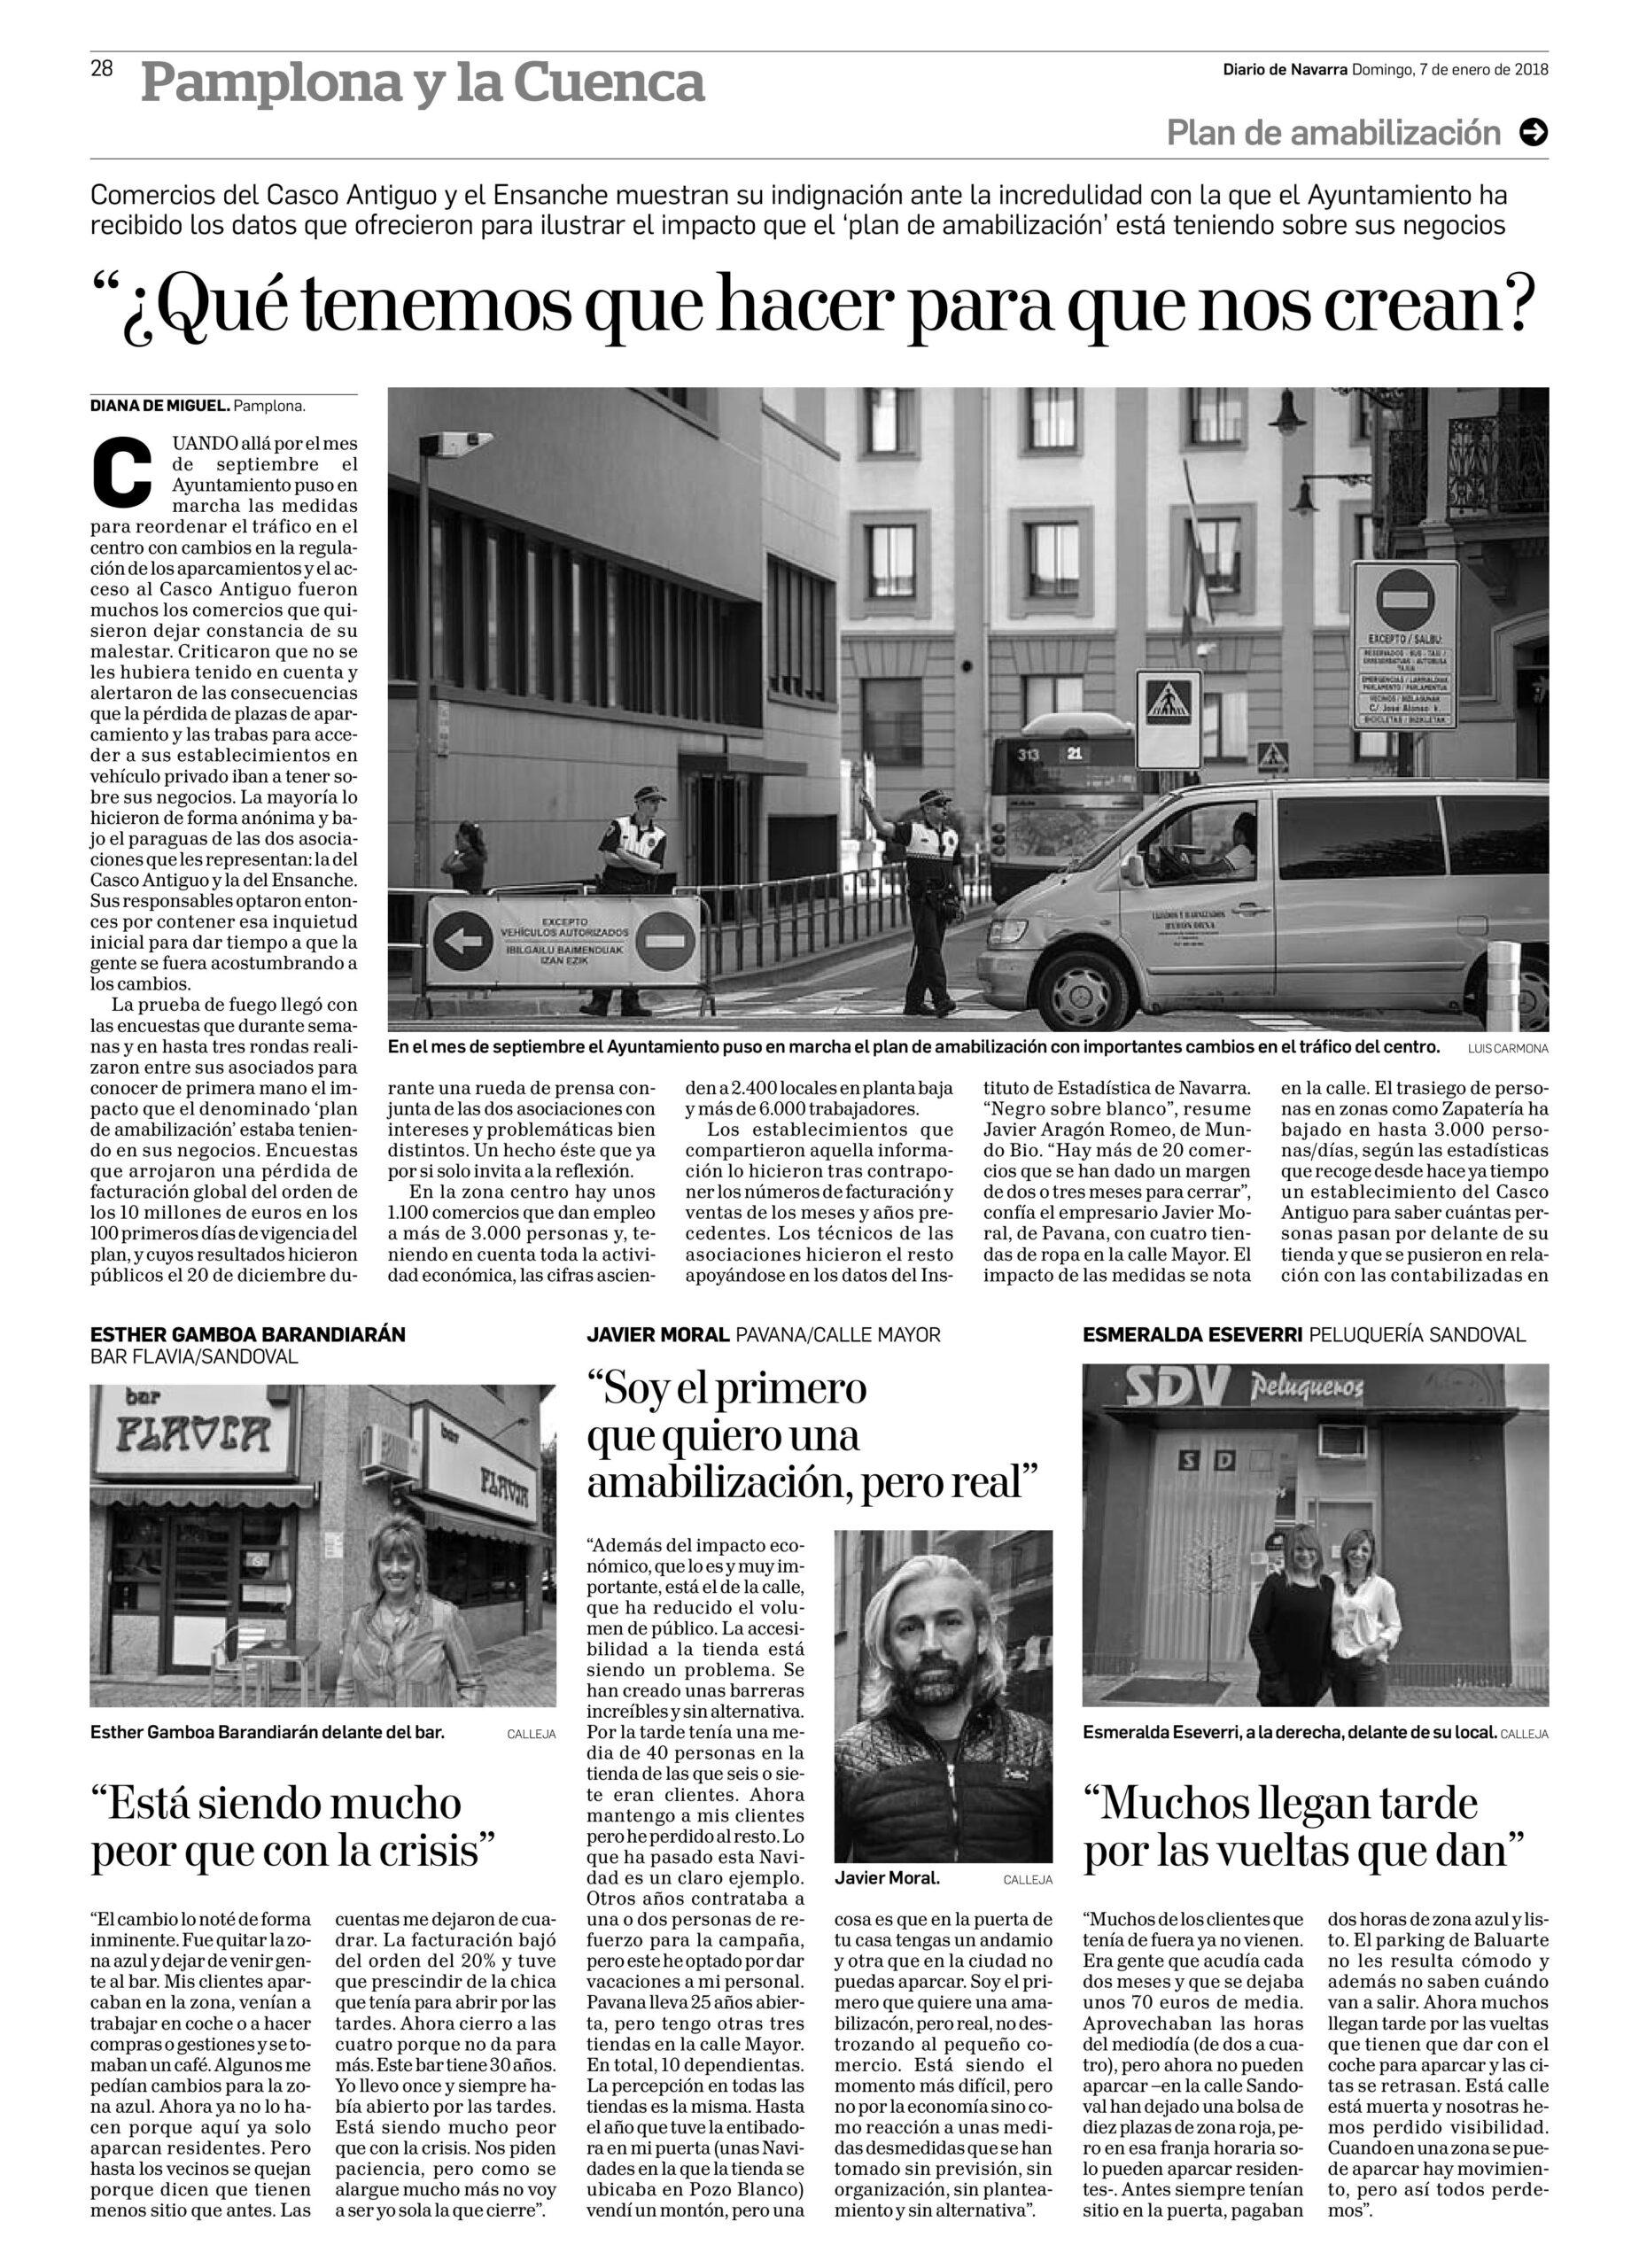 20180107 - QUÉ TENEMOS QUE HACER PARA QUE NOS CREAN.pdf